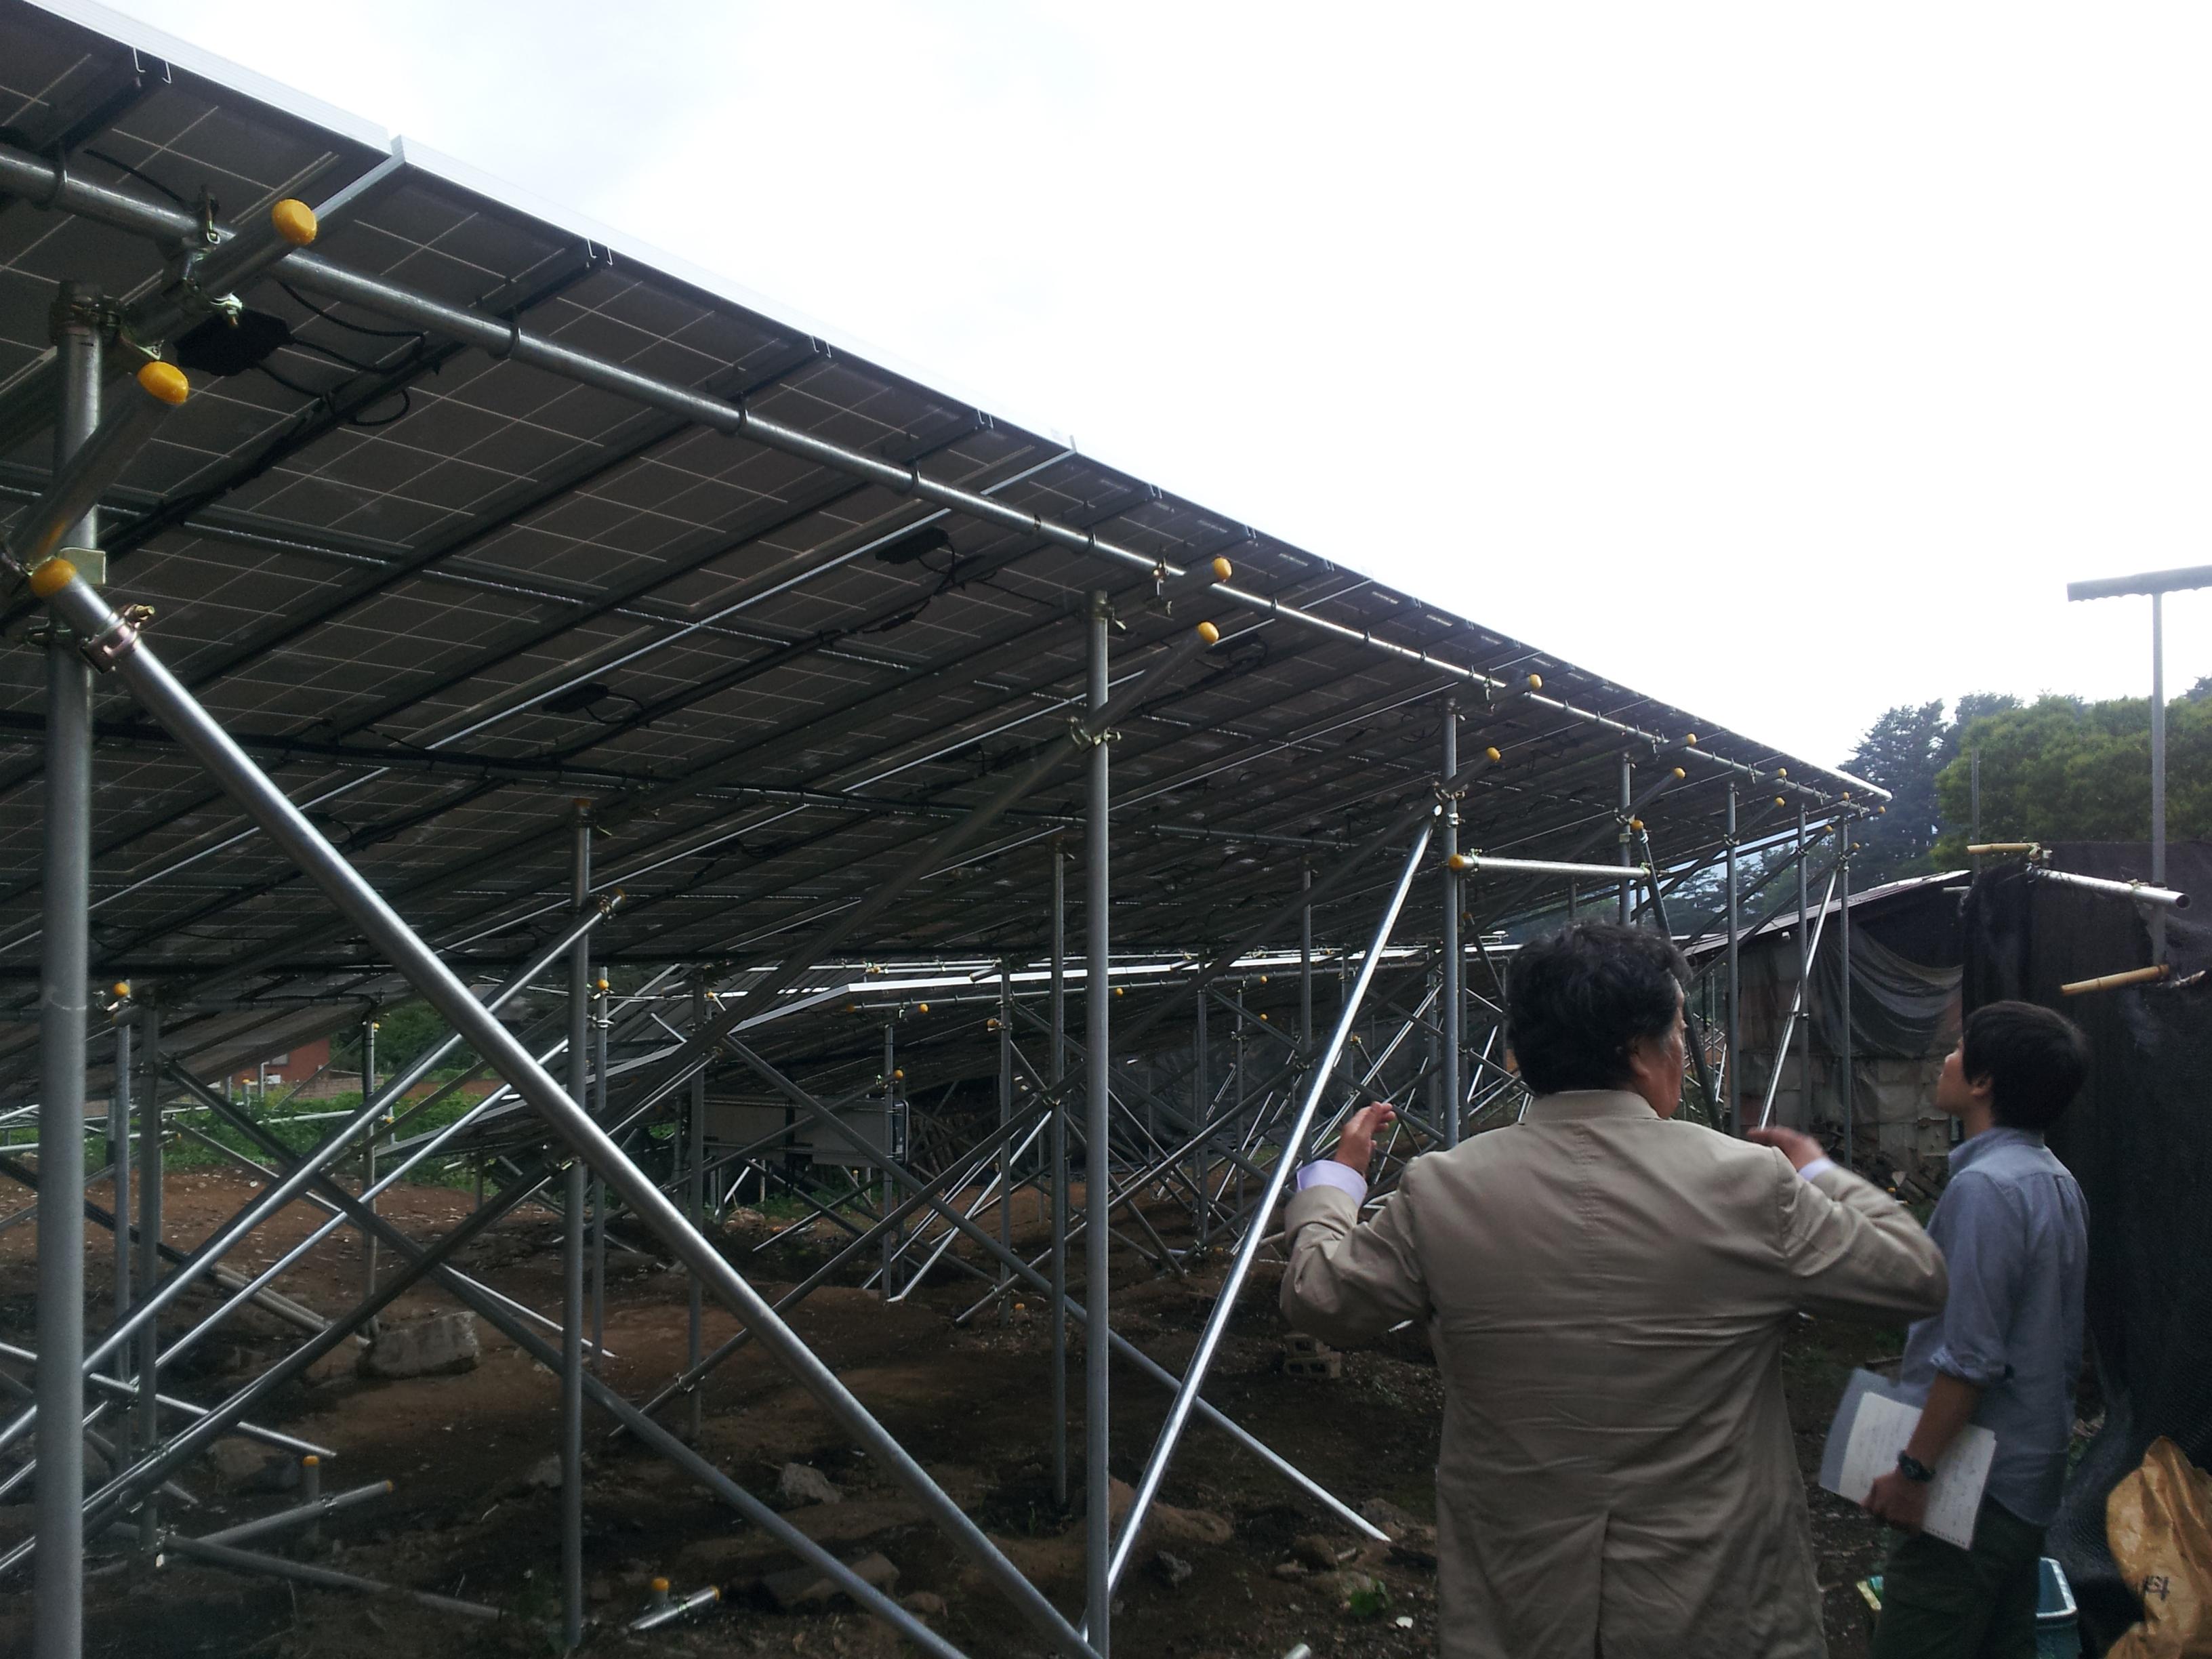 2013/06/14 北杜市・株式会社GreenTのソーラー発電事業